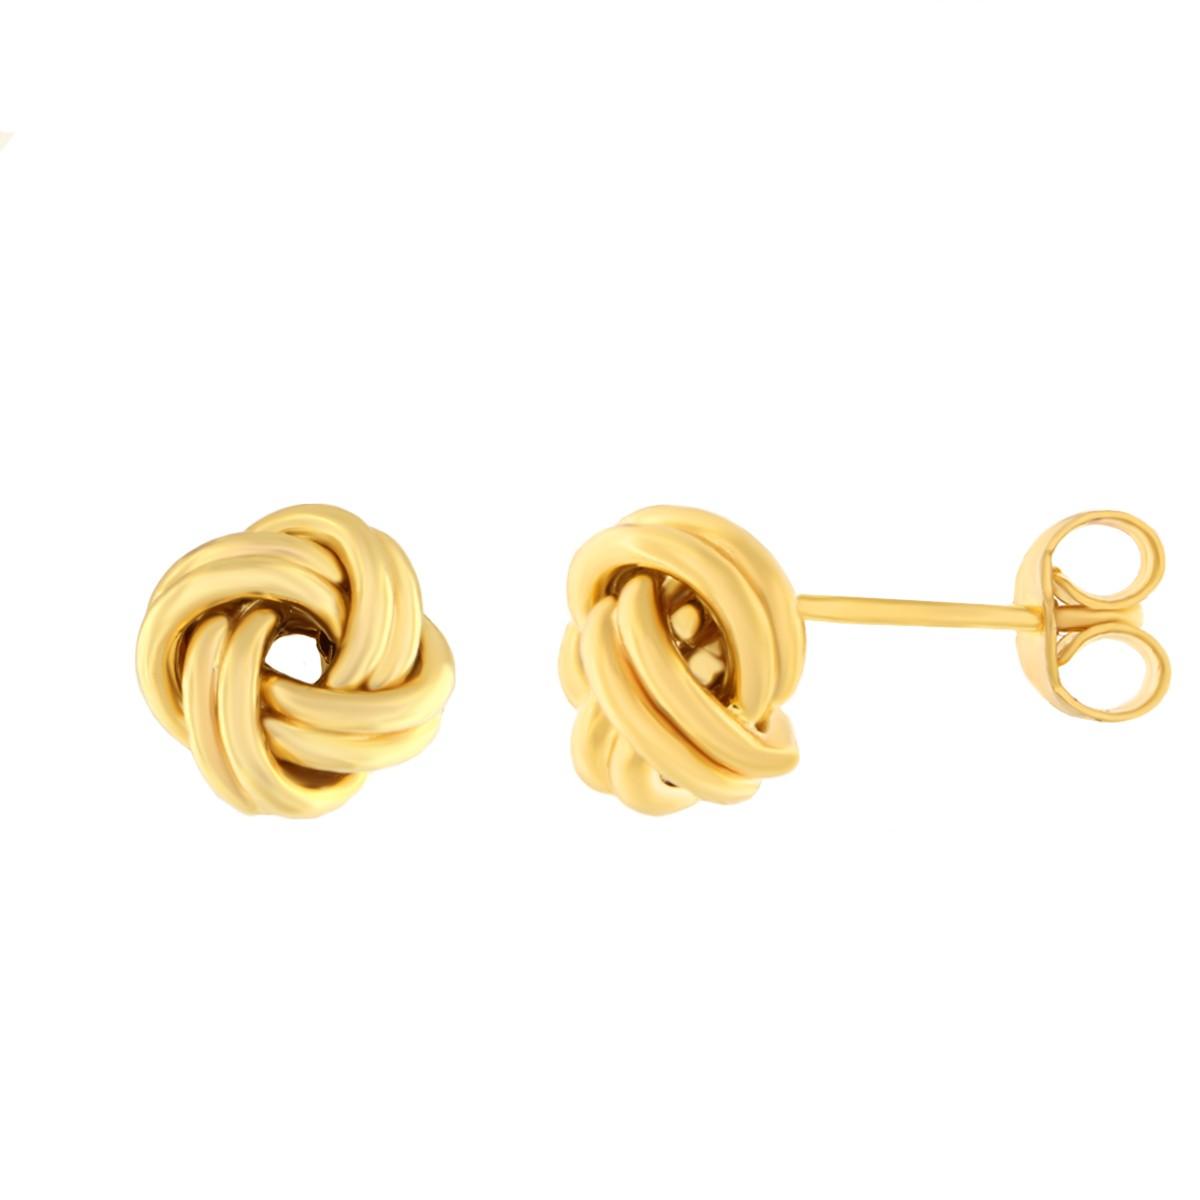 Kullast kõrvarõngad Kood: 6unc